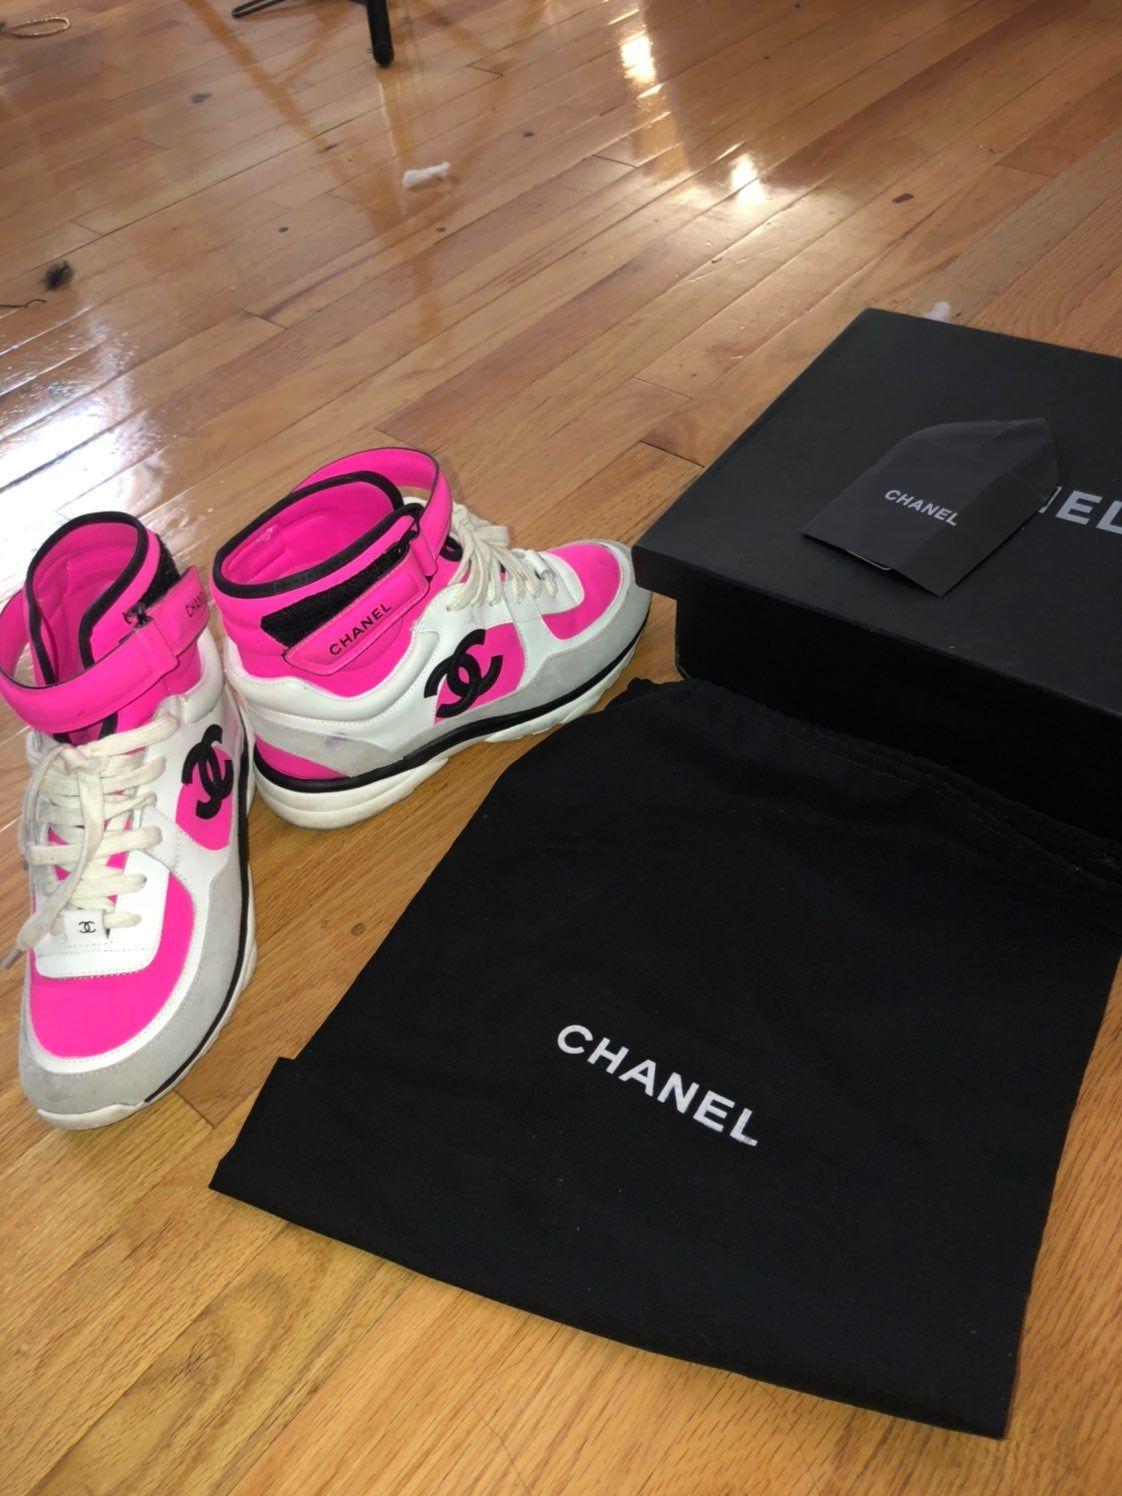 Chanel neon pink hightop sneakers